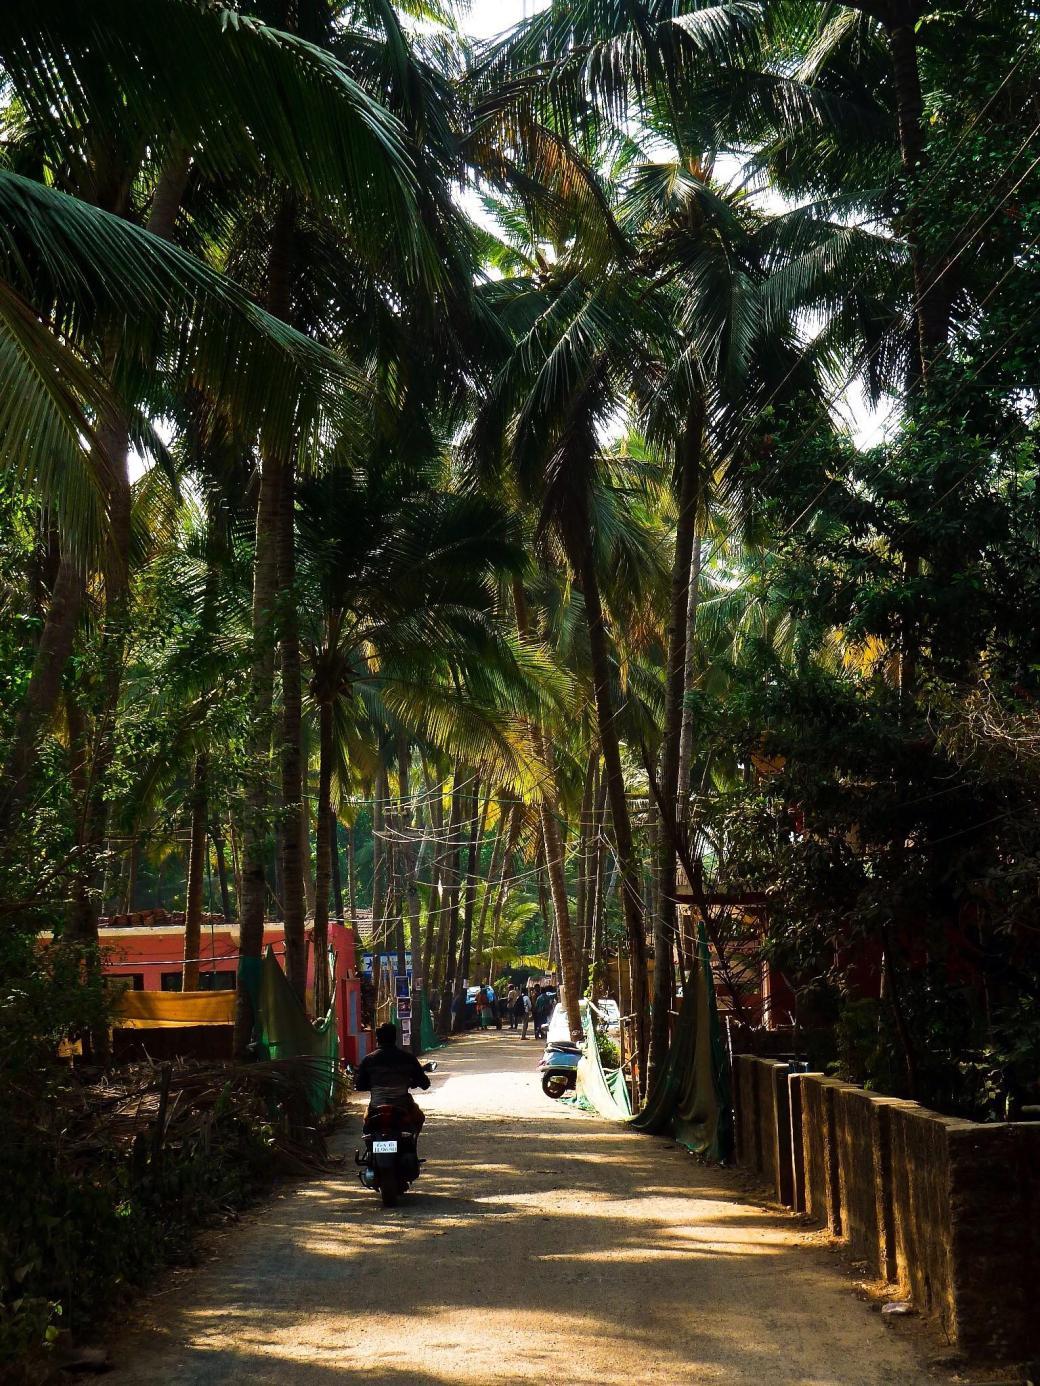 I took a morning walk near Agonda Beach, Goa, India : backpacking